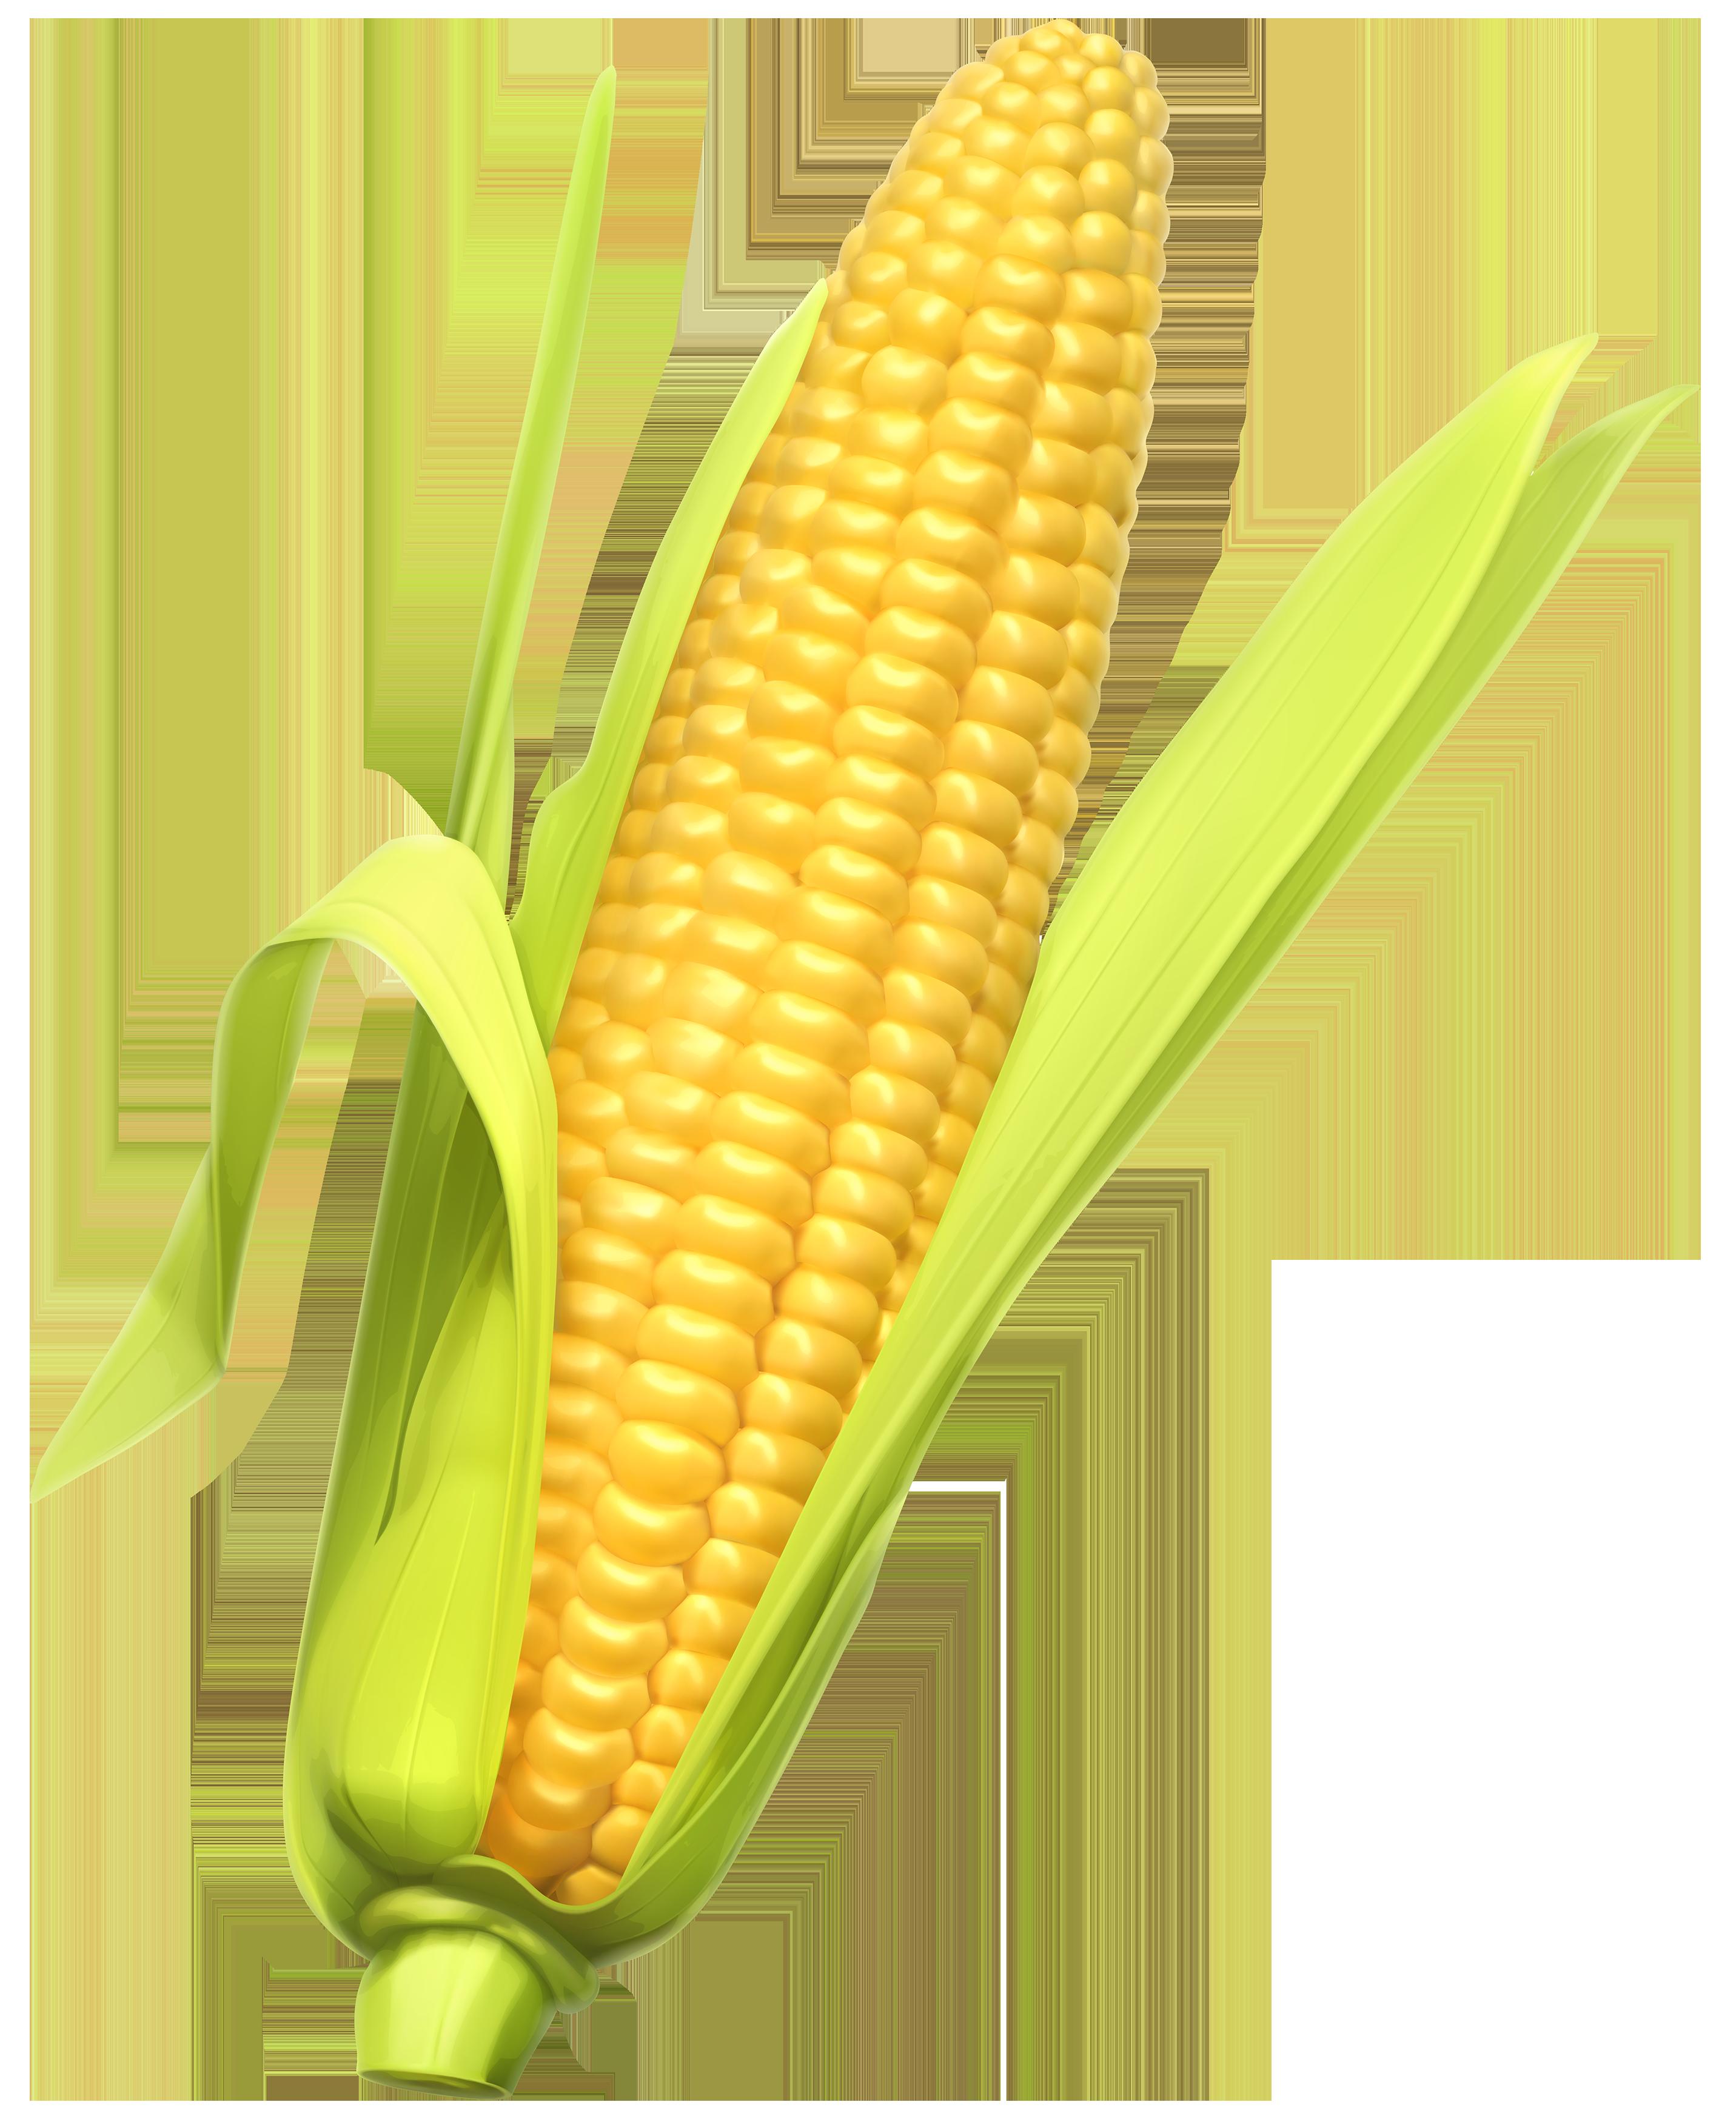 Corn clipart web